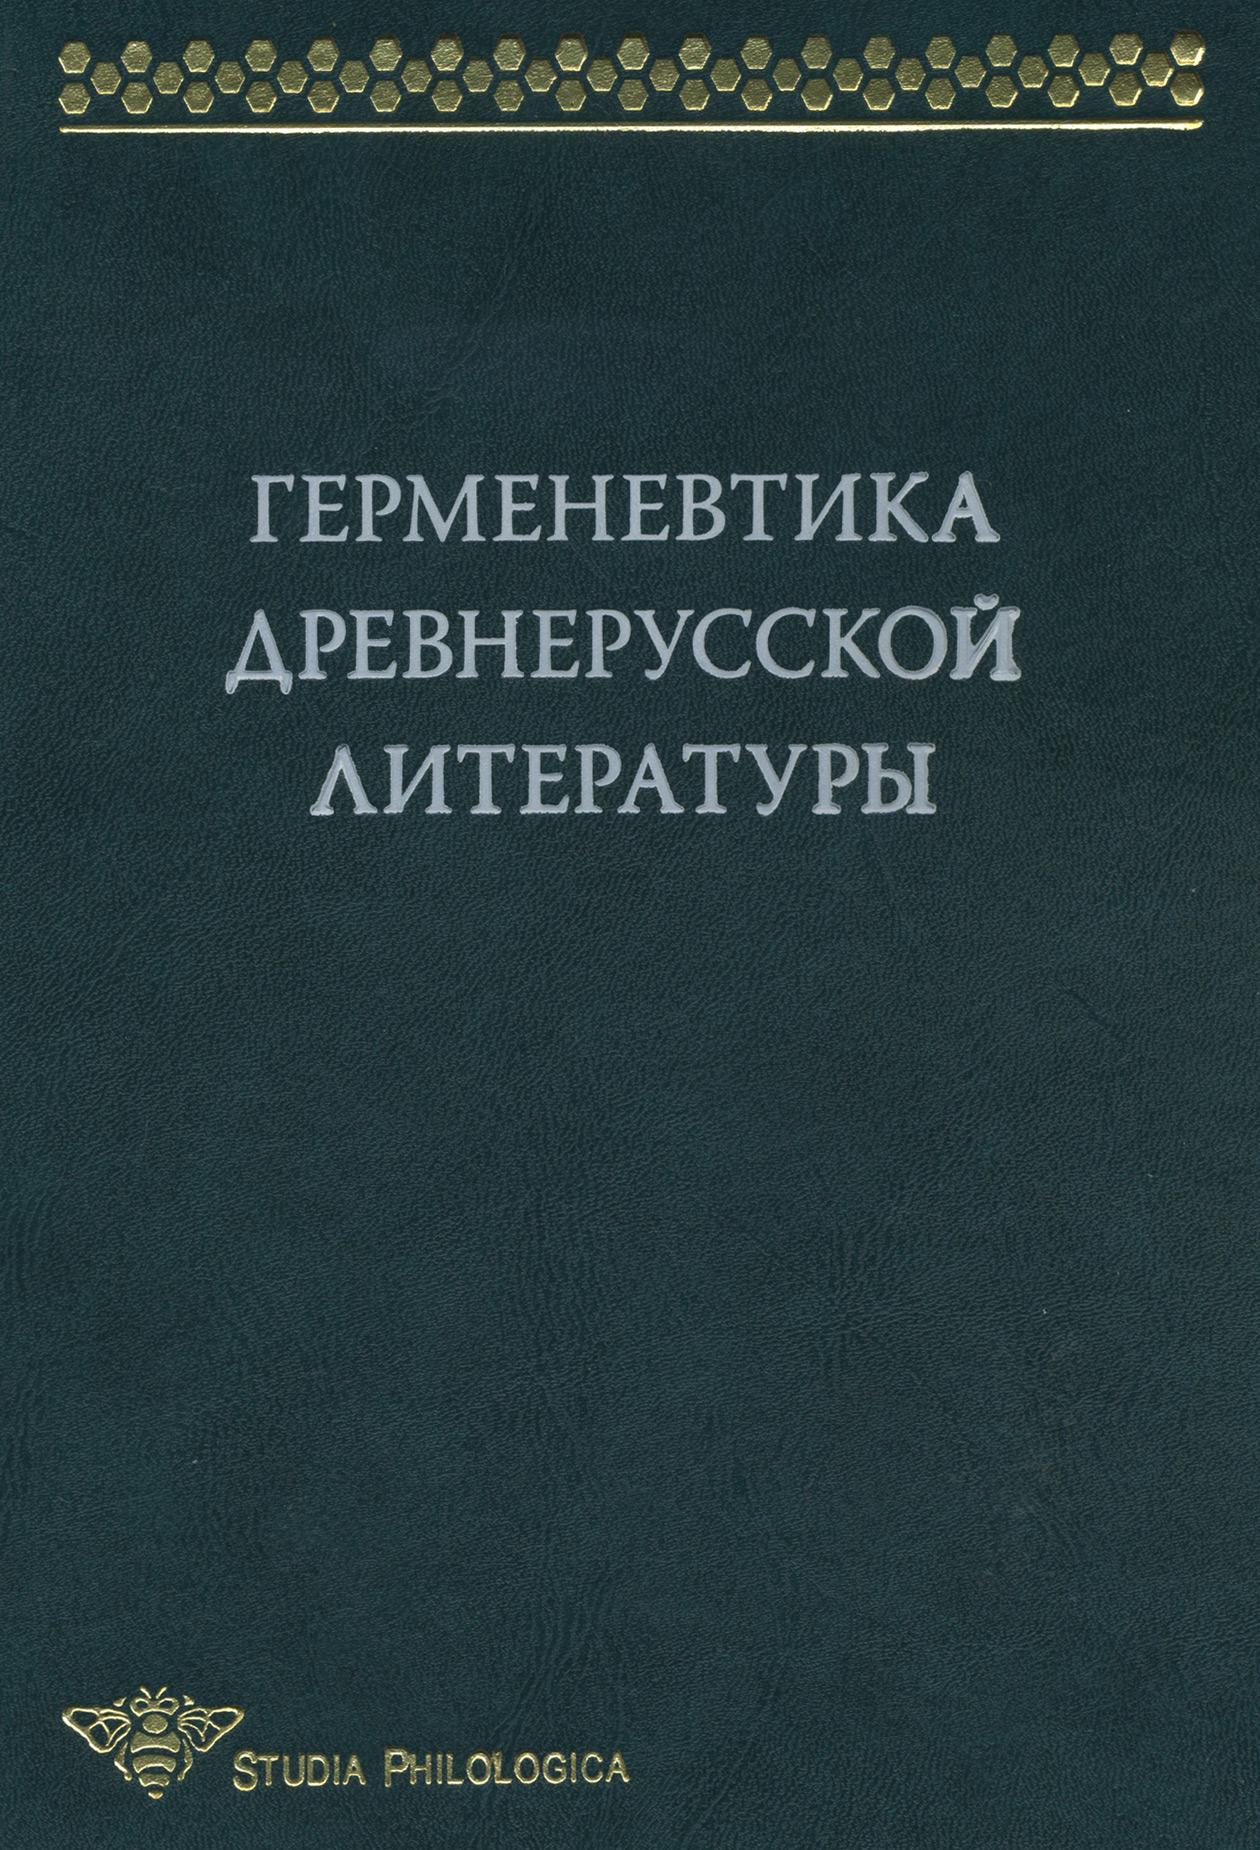 Коллектив авторов Герменевтика древнерусской литературы. Сборник 13